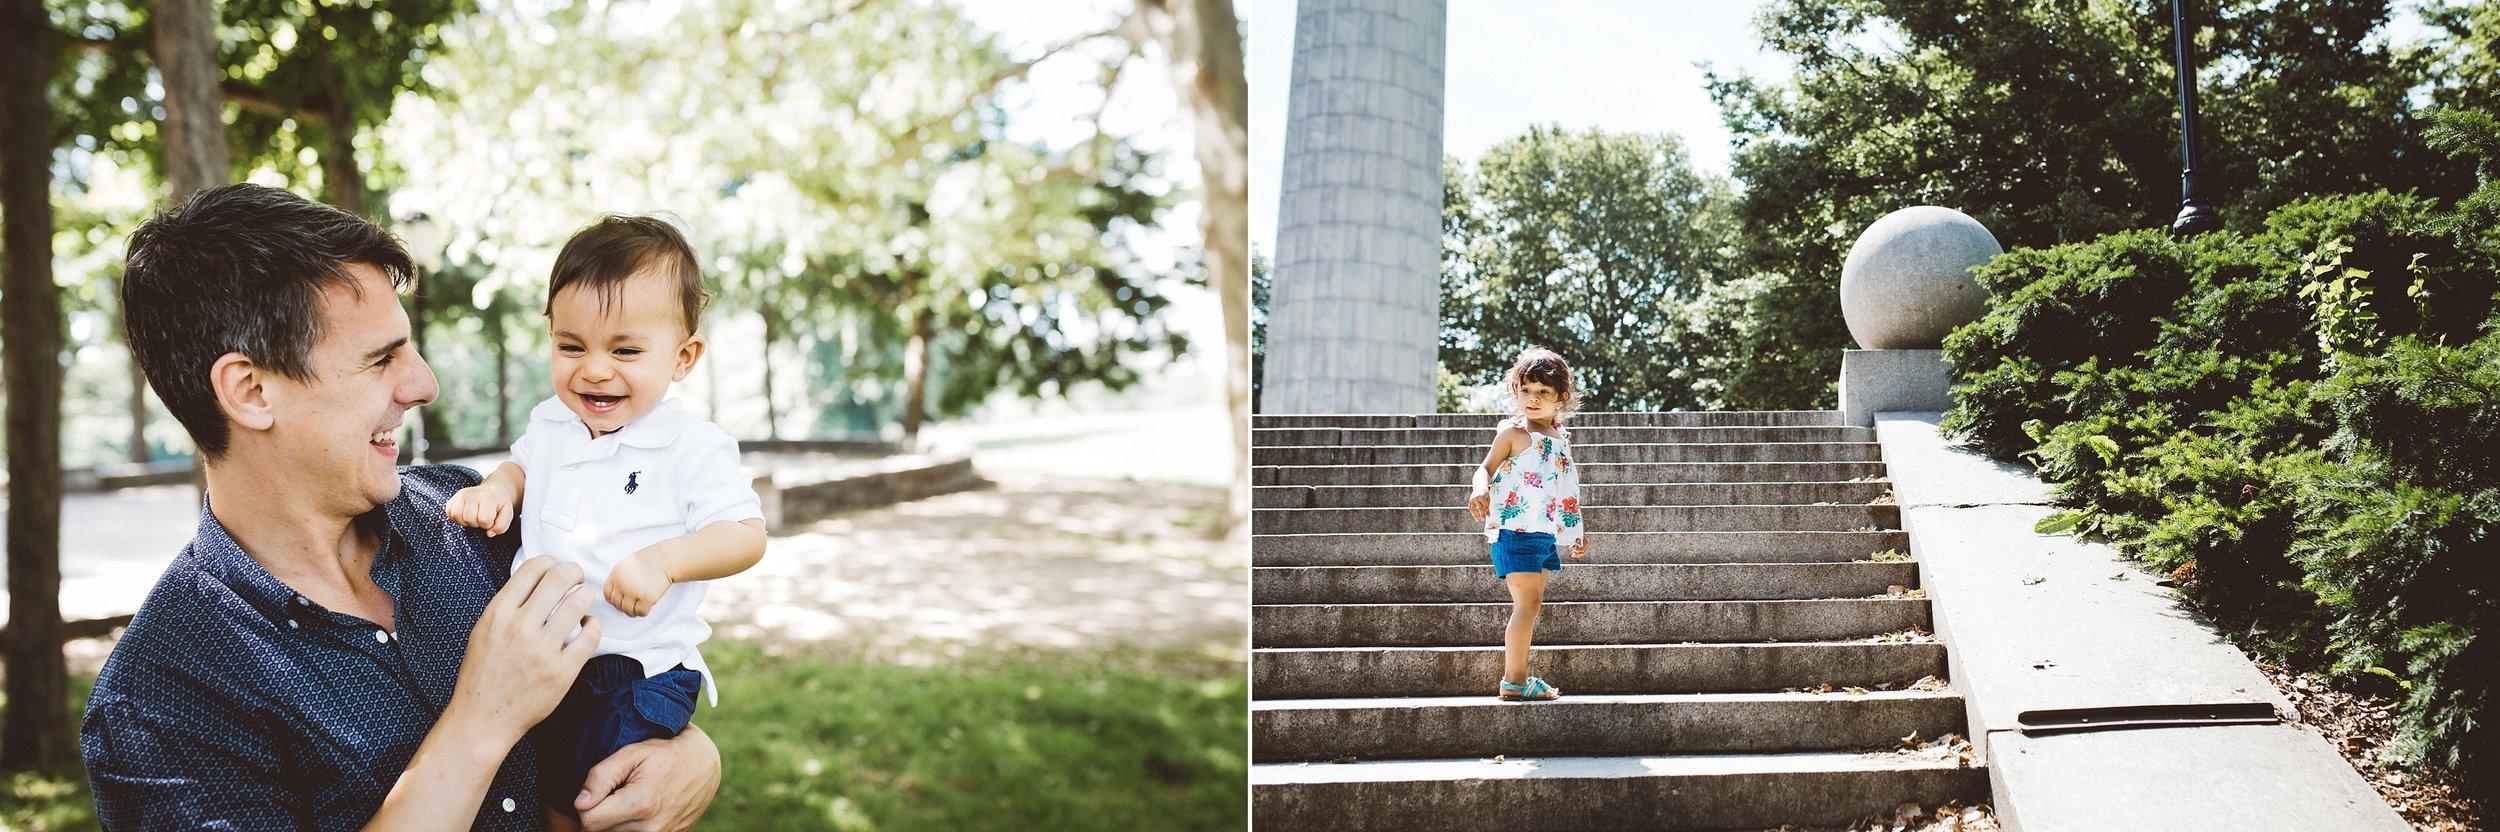 fort greene park family photography_0091.jpg